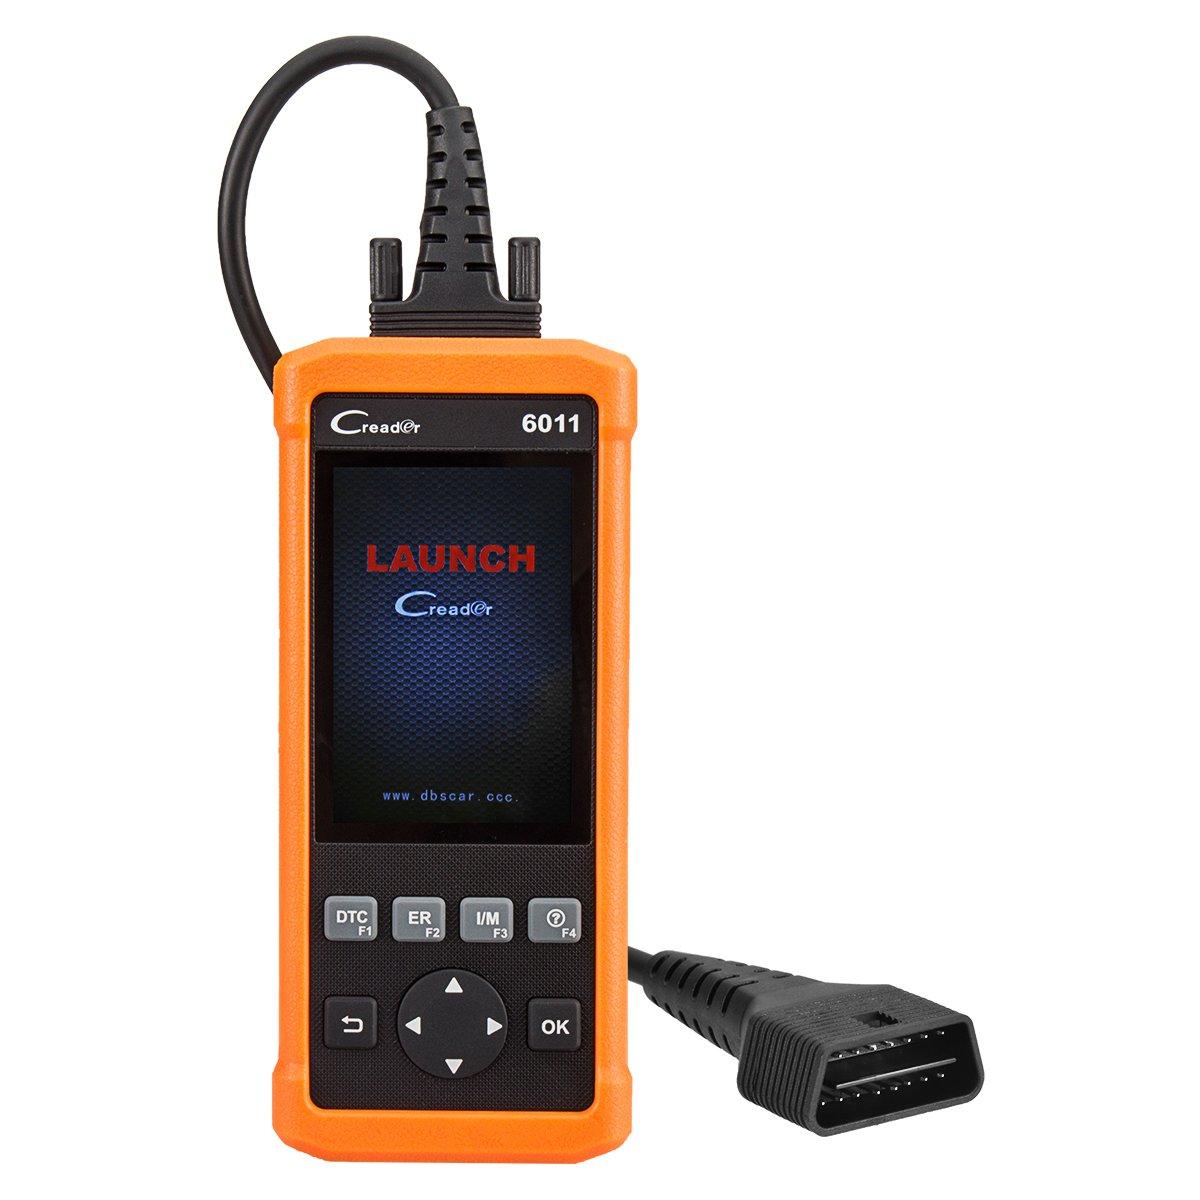 自動車診断機 Launch Creader 6011 OBDⅡ/EOBDスキャナー 車コードリーダー OBD2車両のABS&SRS診断機能を備えた自動診断スキャンツール【保障付】 B075KGNNM3   CR6011